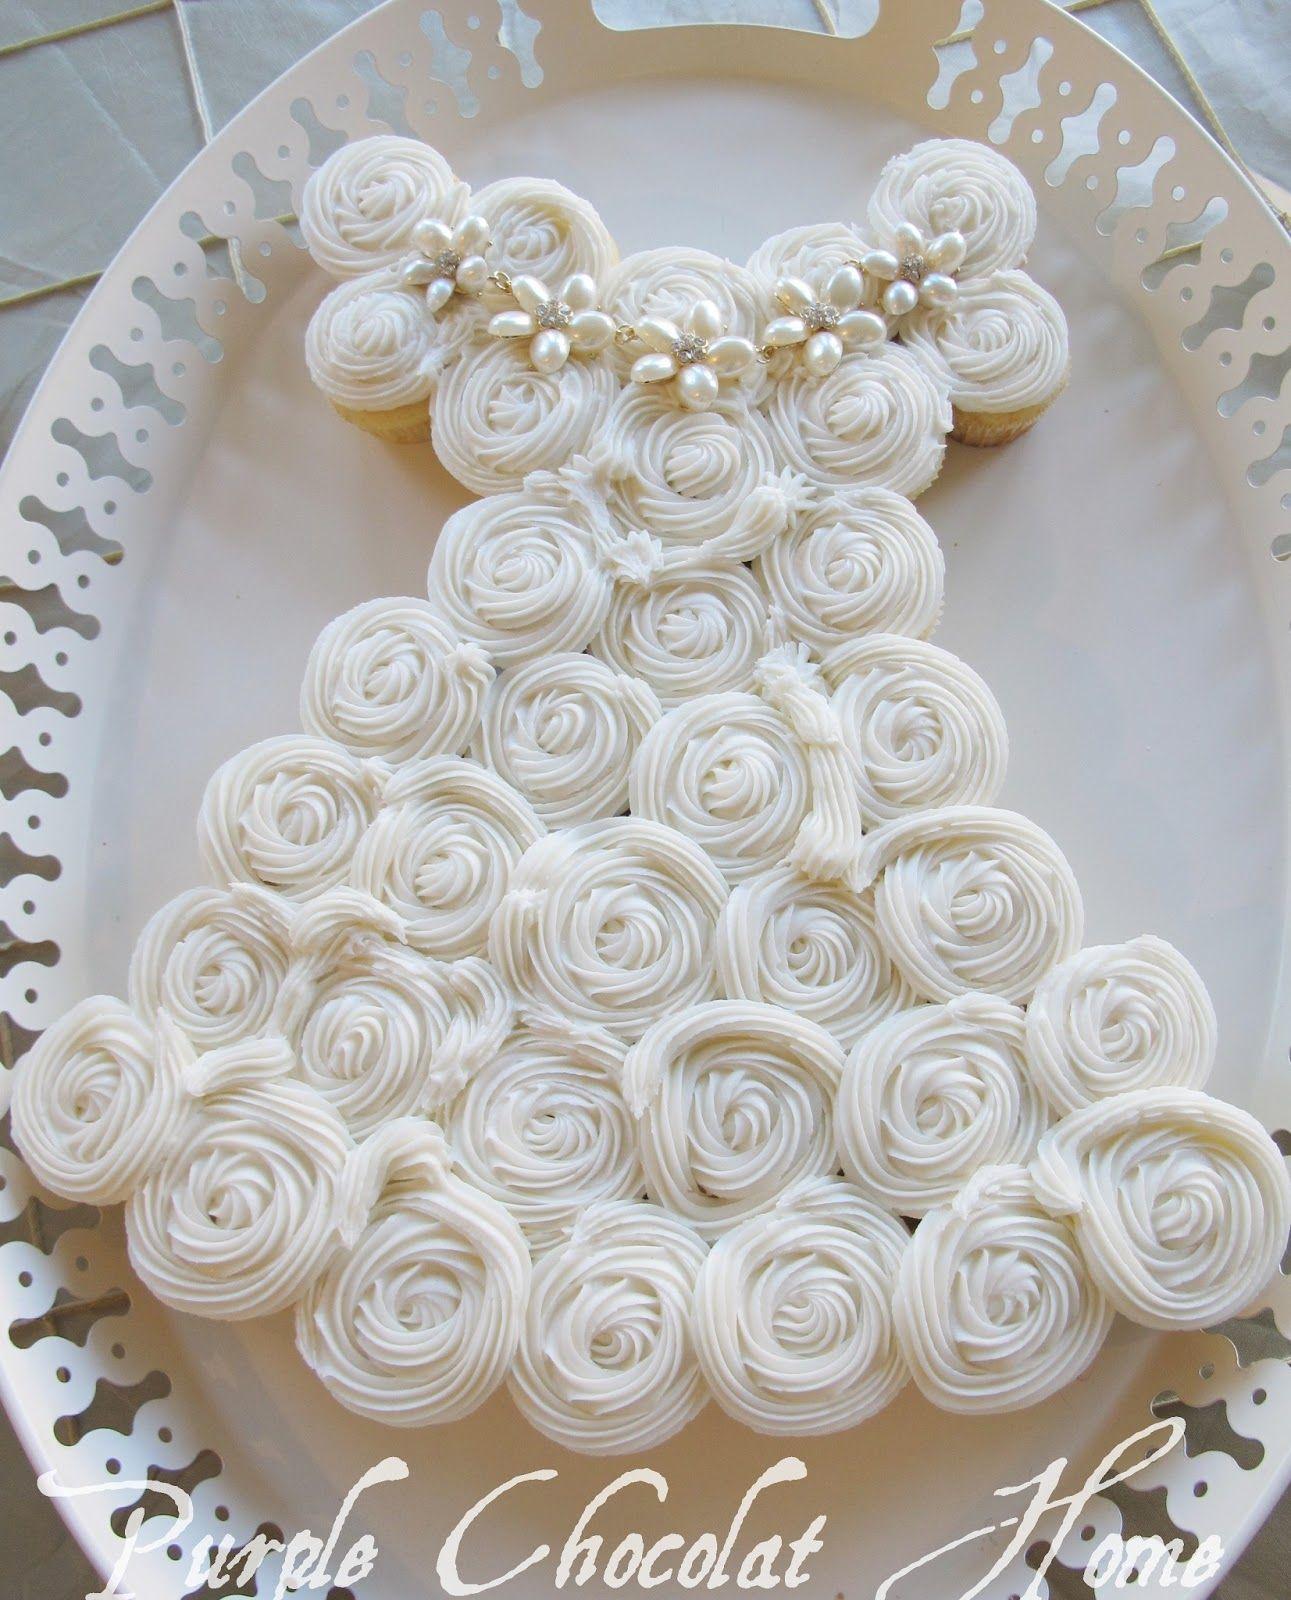 Designer Cookies for Bridal Shower bridal shower cakes